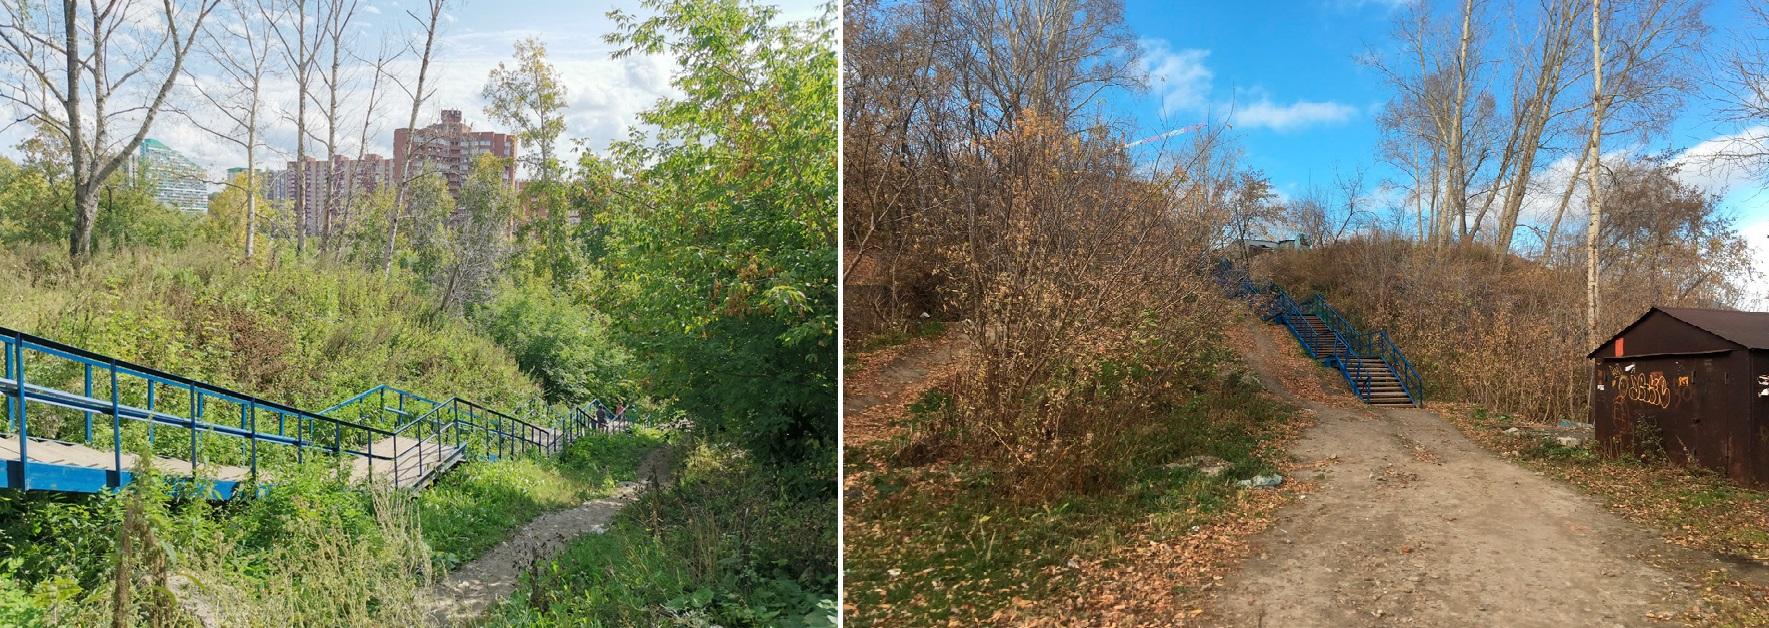 В северной части парка, сегодня заросшей кленом, исторически был хвойный лес — его восстановят и дополнят лиственницами